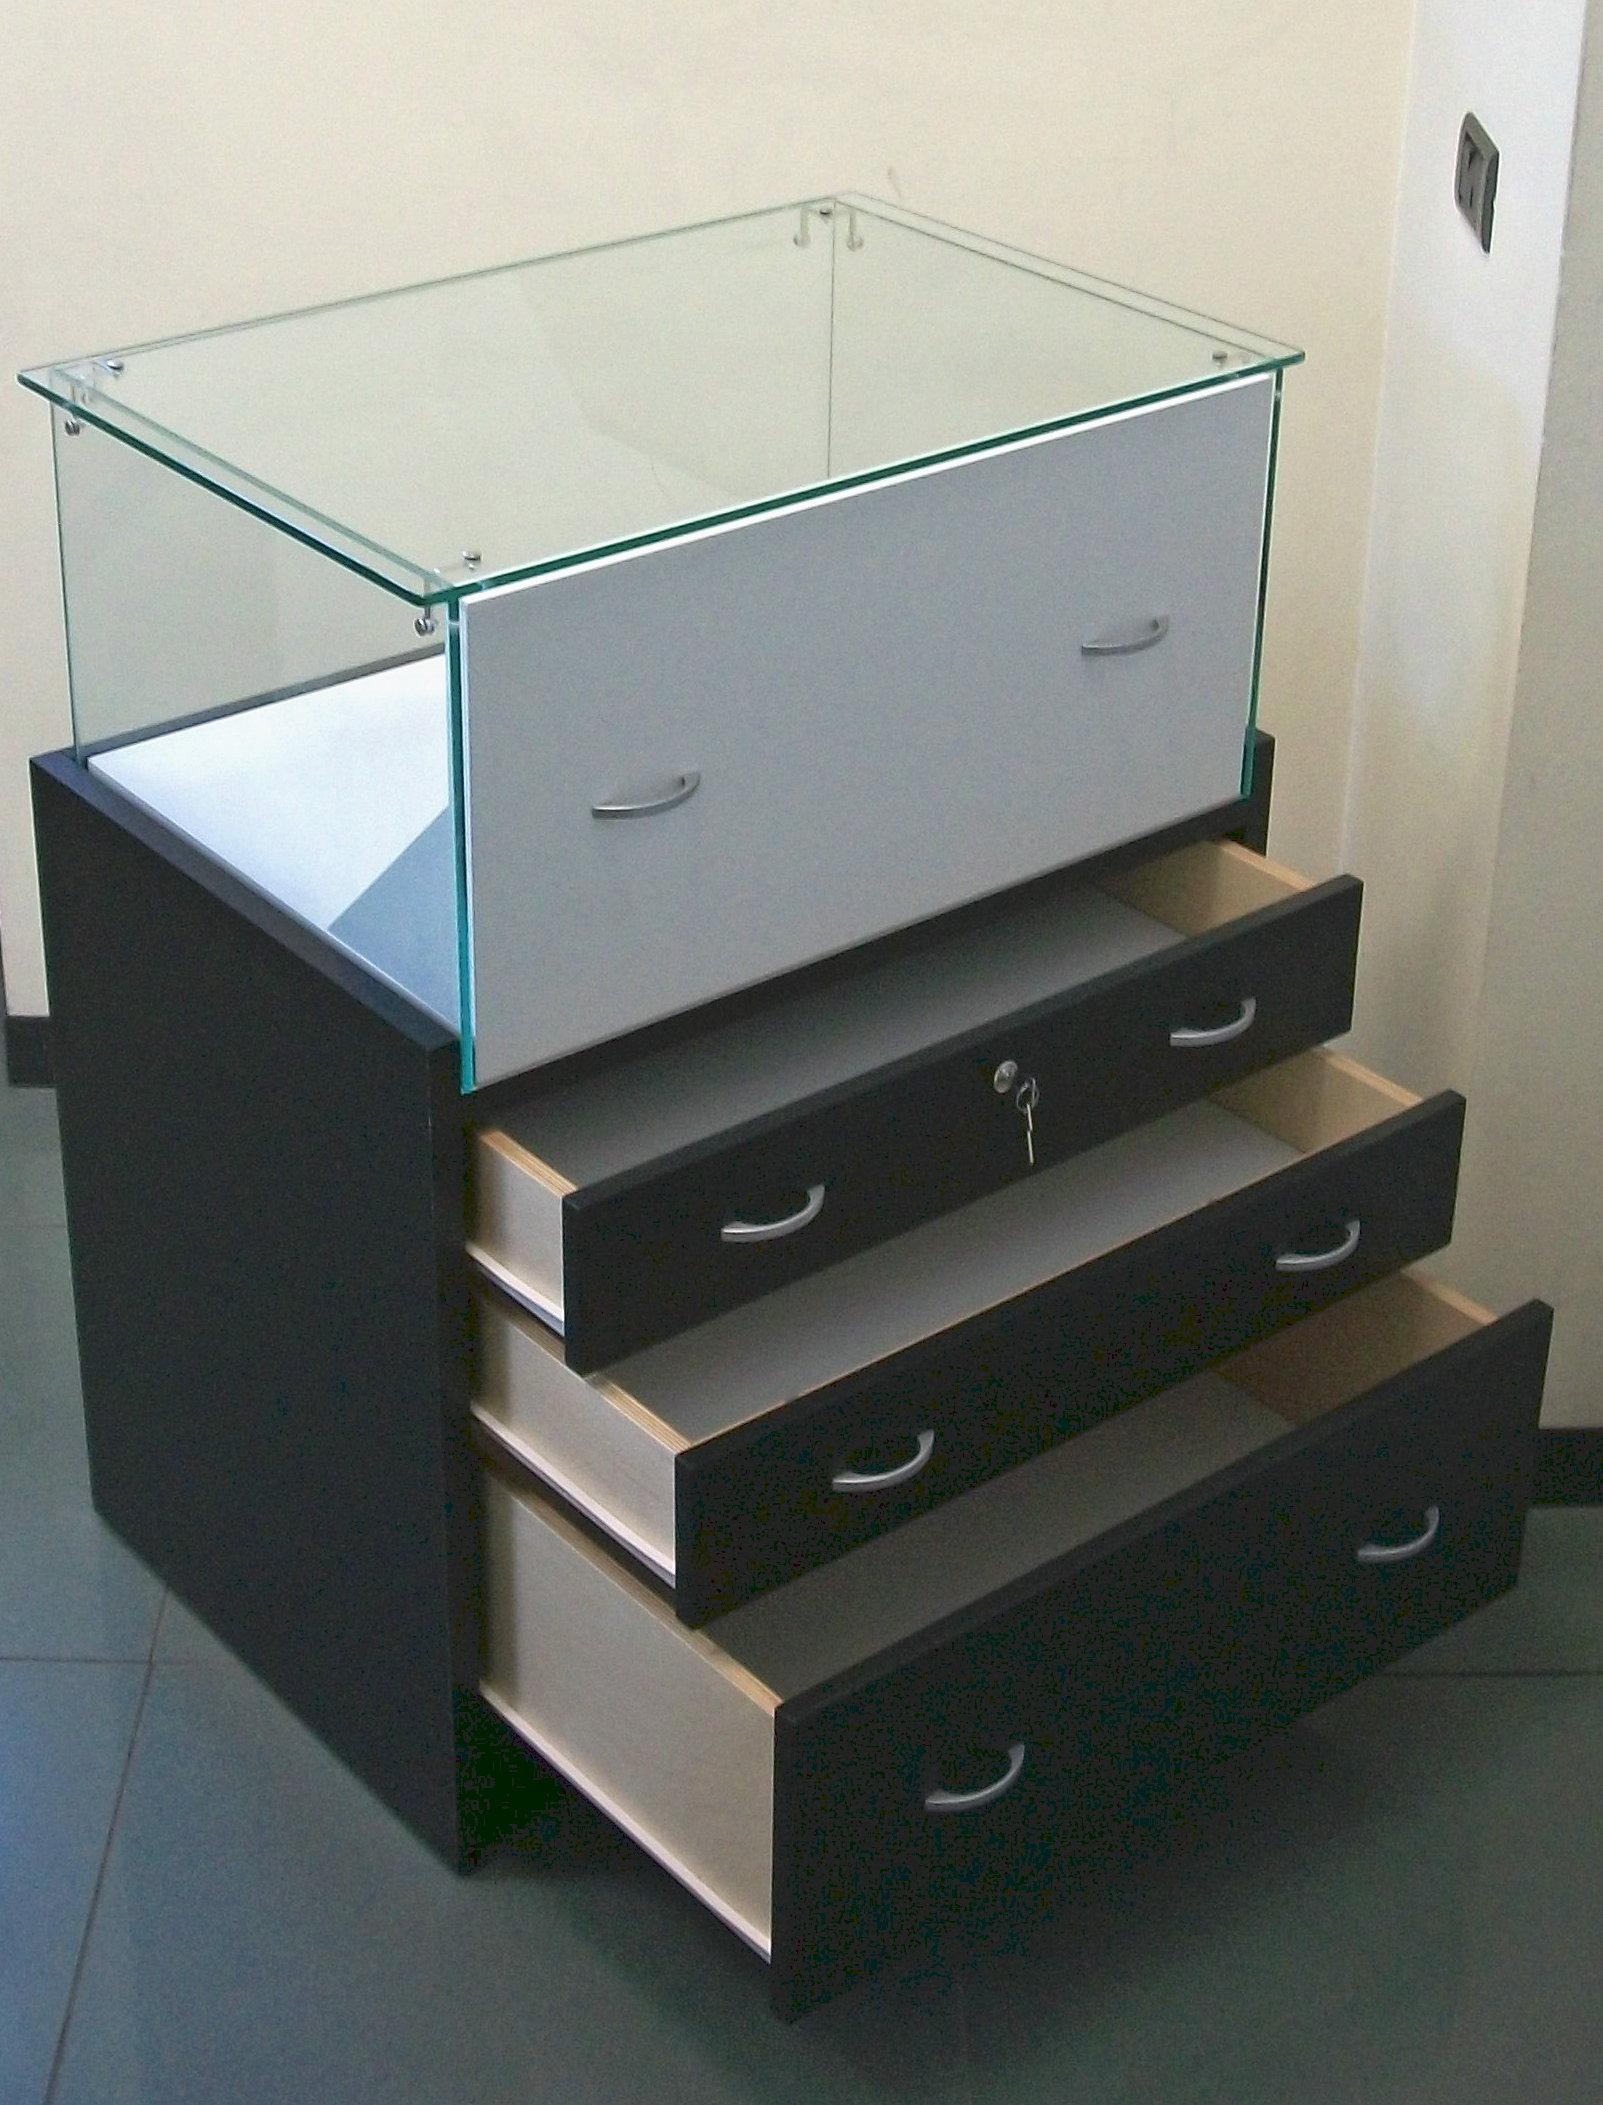 glasvitrinen bieten wir ihnen ber 200 modelle in unserem online shop an. Black Bedroom Furniture Sets. Home Design Ideas